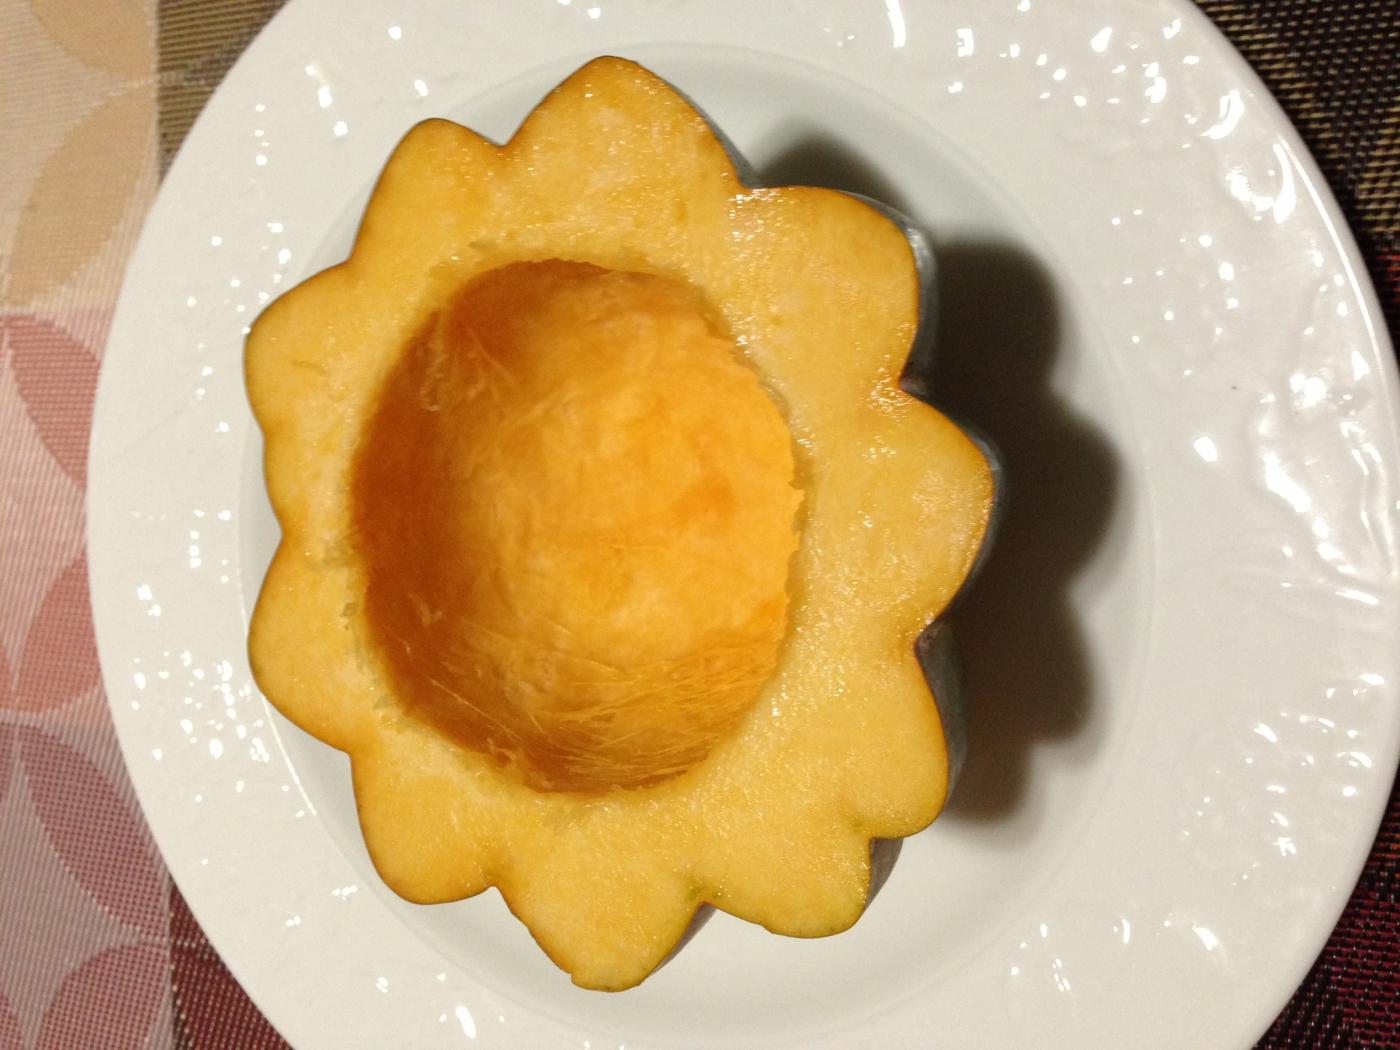 向日葵花儿开---紫薯南瓜盅_图1-2